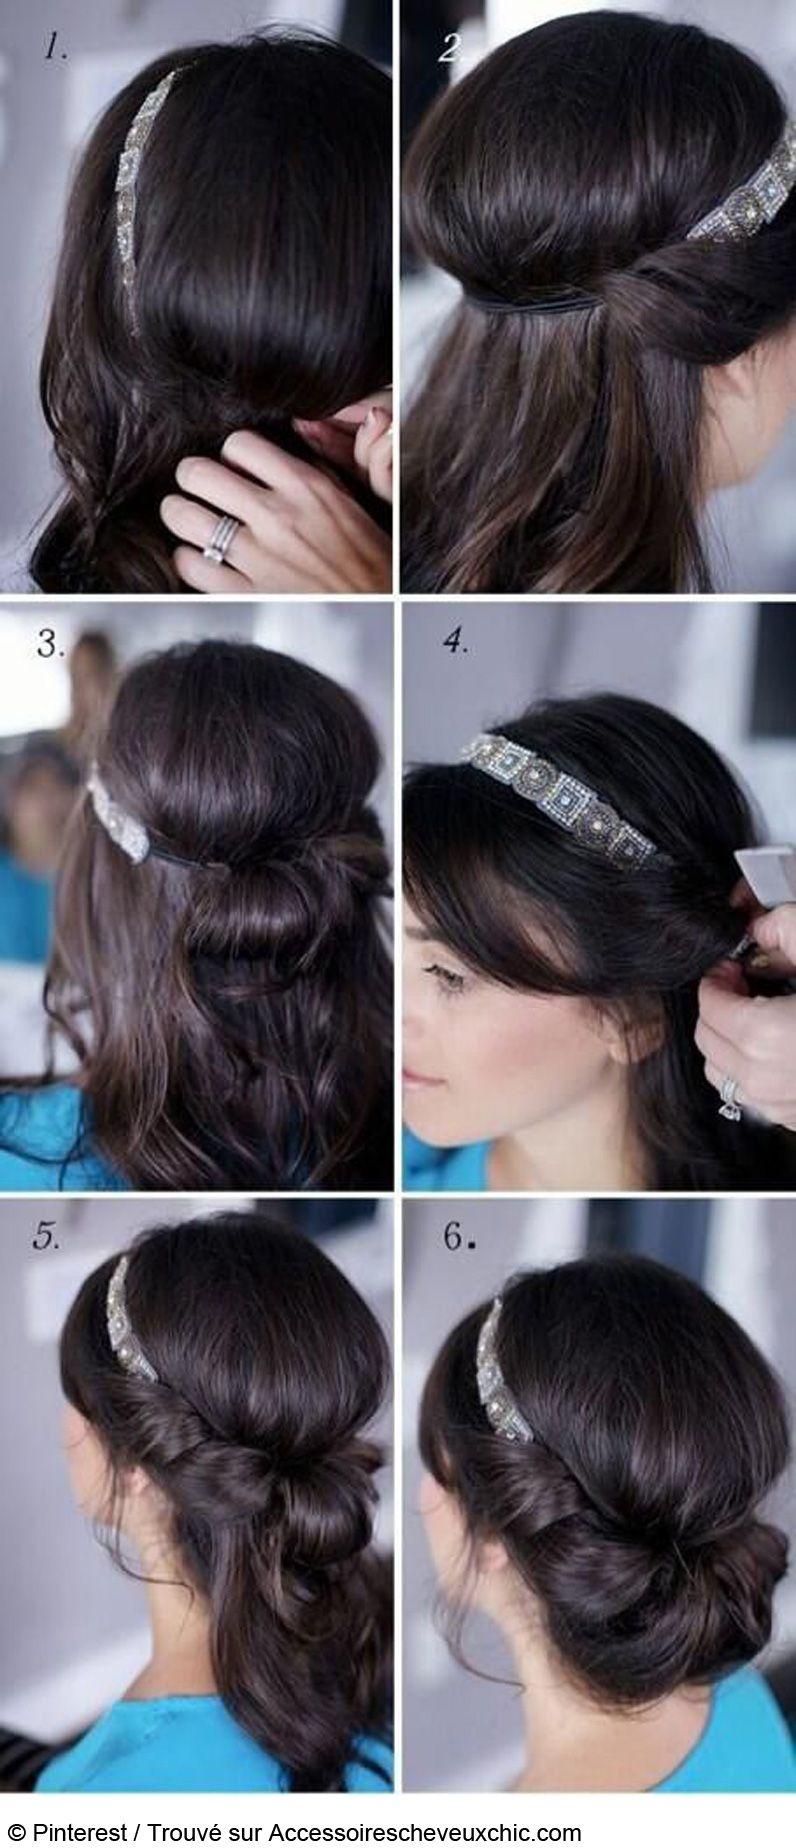 Exceptionnel Coiffure express : des idées de coiffures express au quotidien  LW46